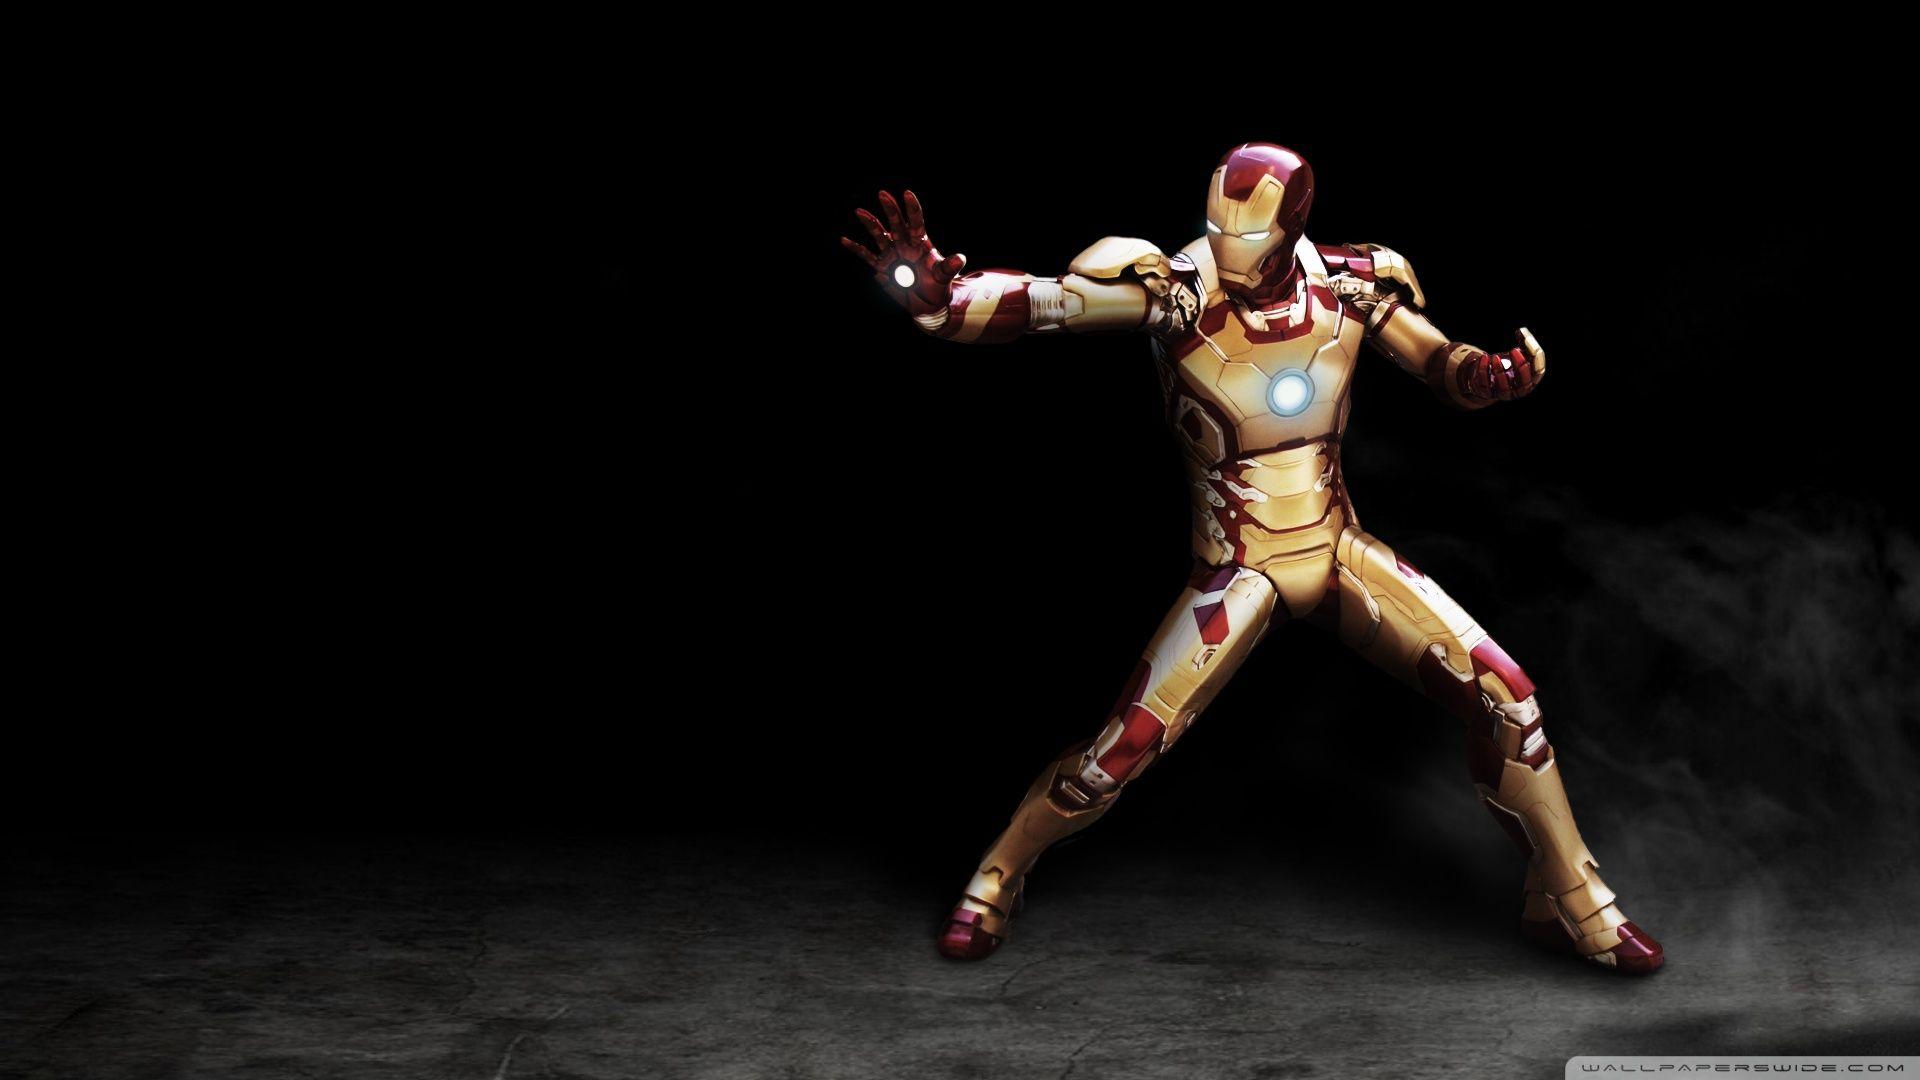 Hd wallpaper man - Iron Man Hd Desktop Wallpaper Widescreen High Definition